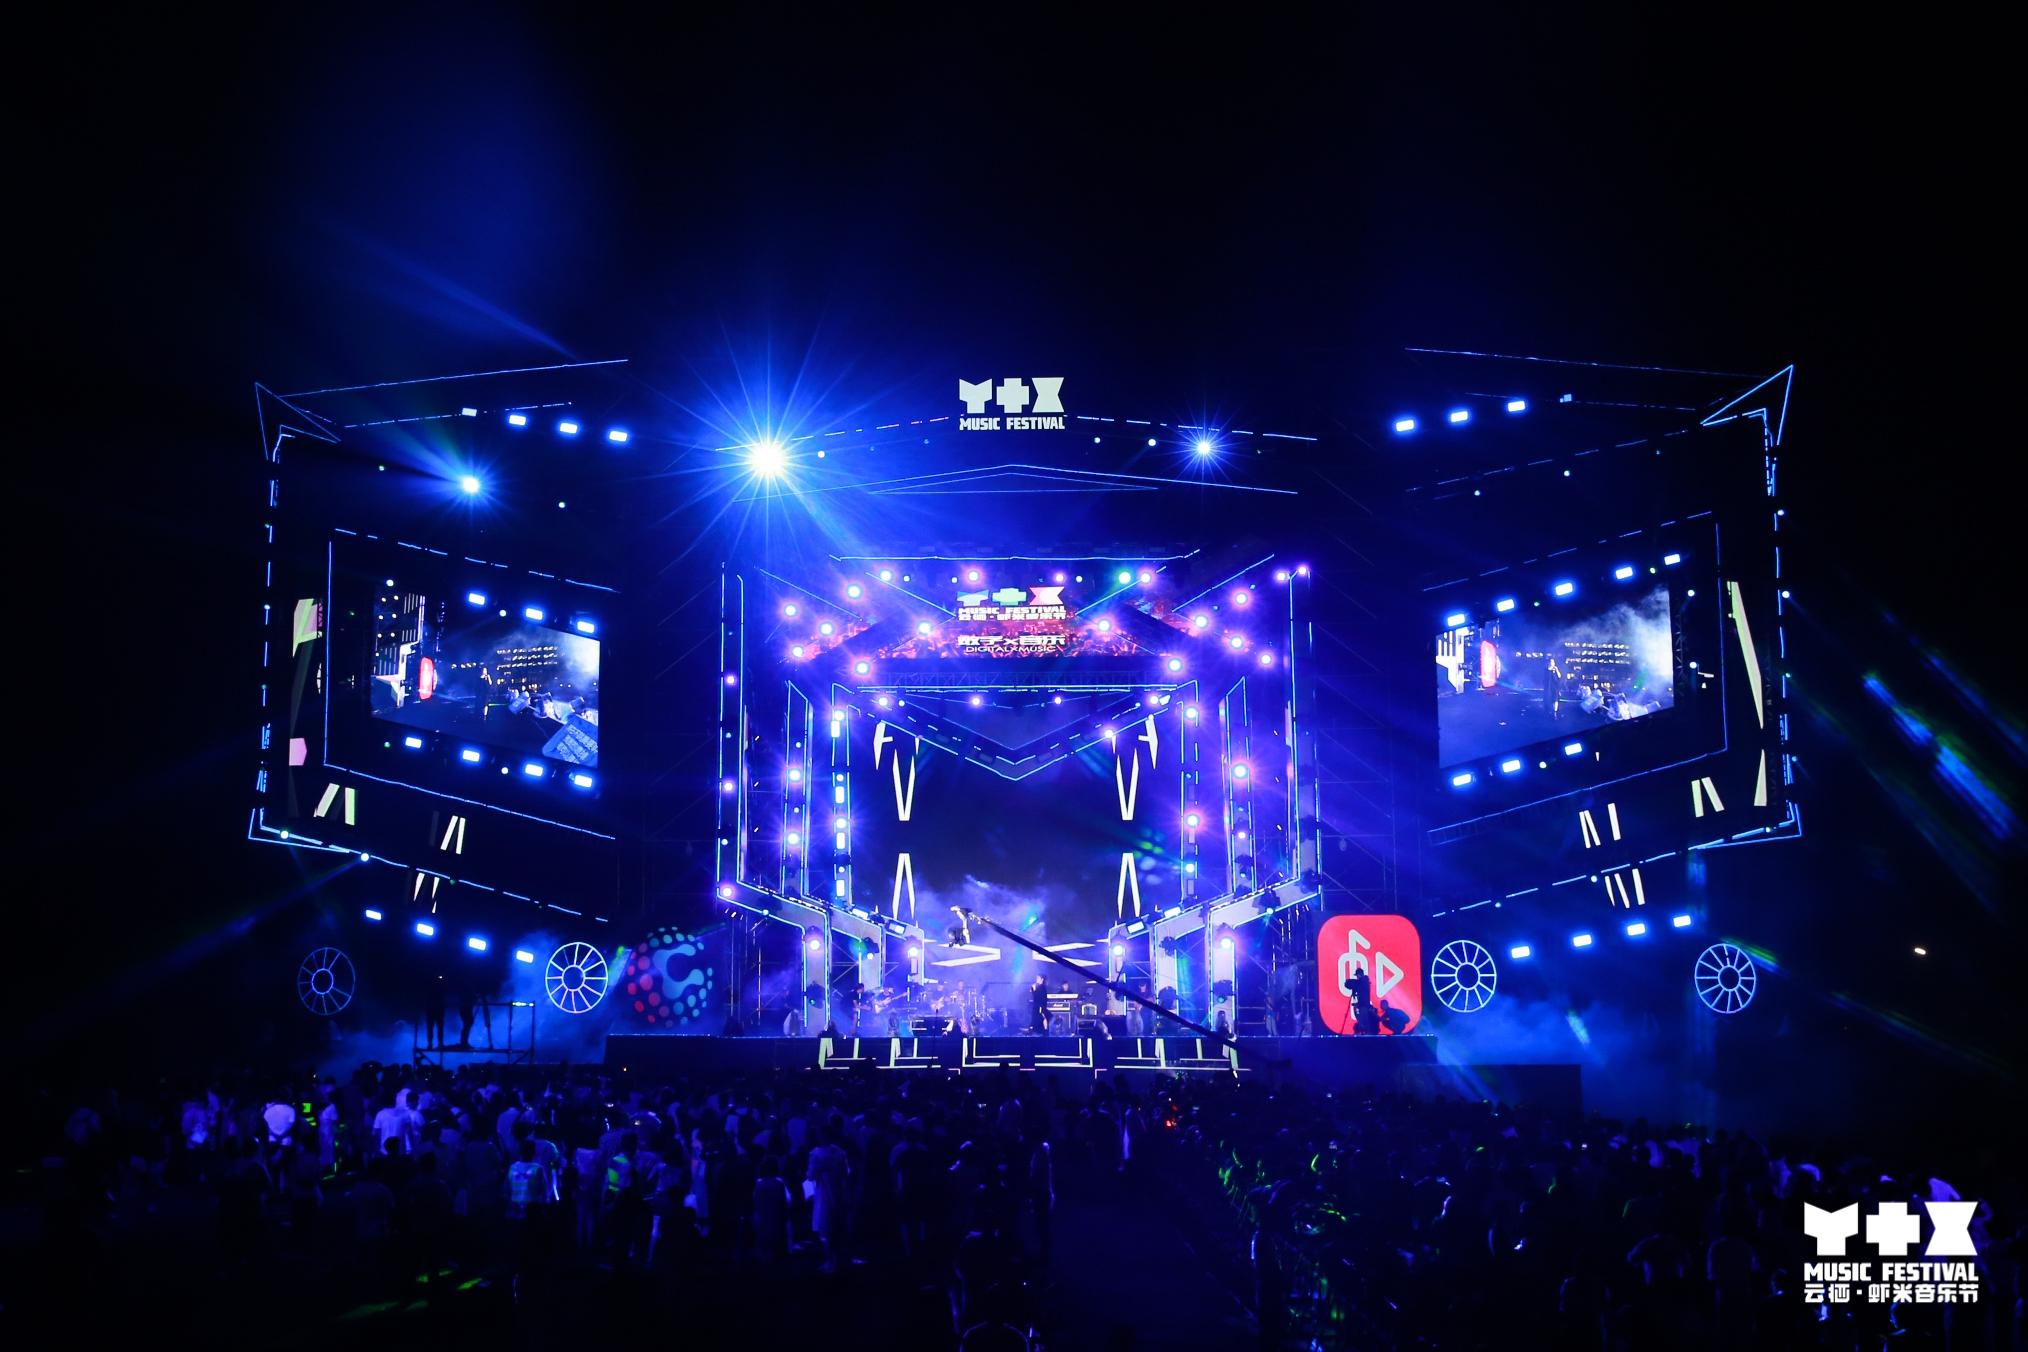 马云来到云栖虾米音乐节与歌手李健对唱《传奇》_东方头条